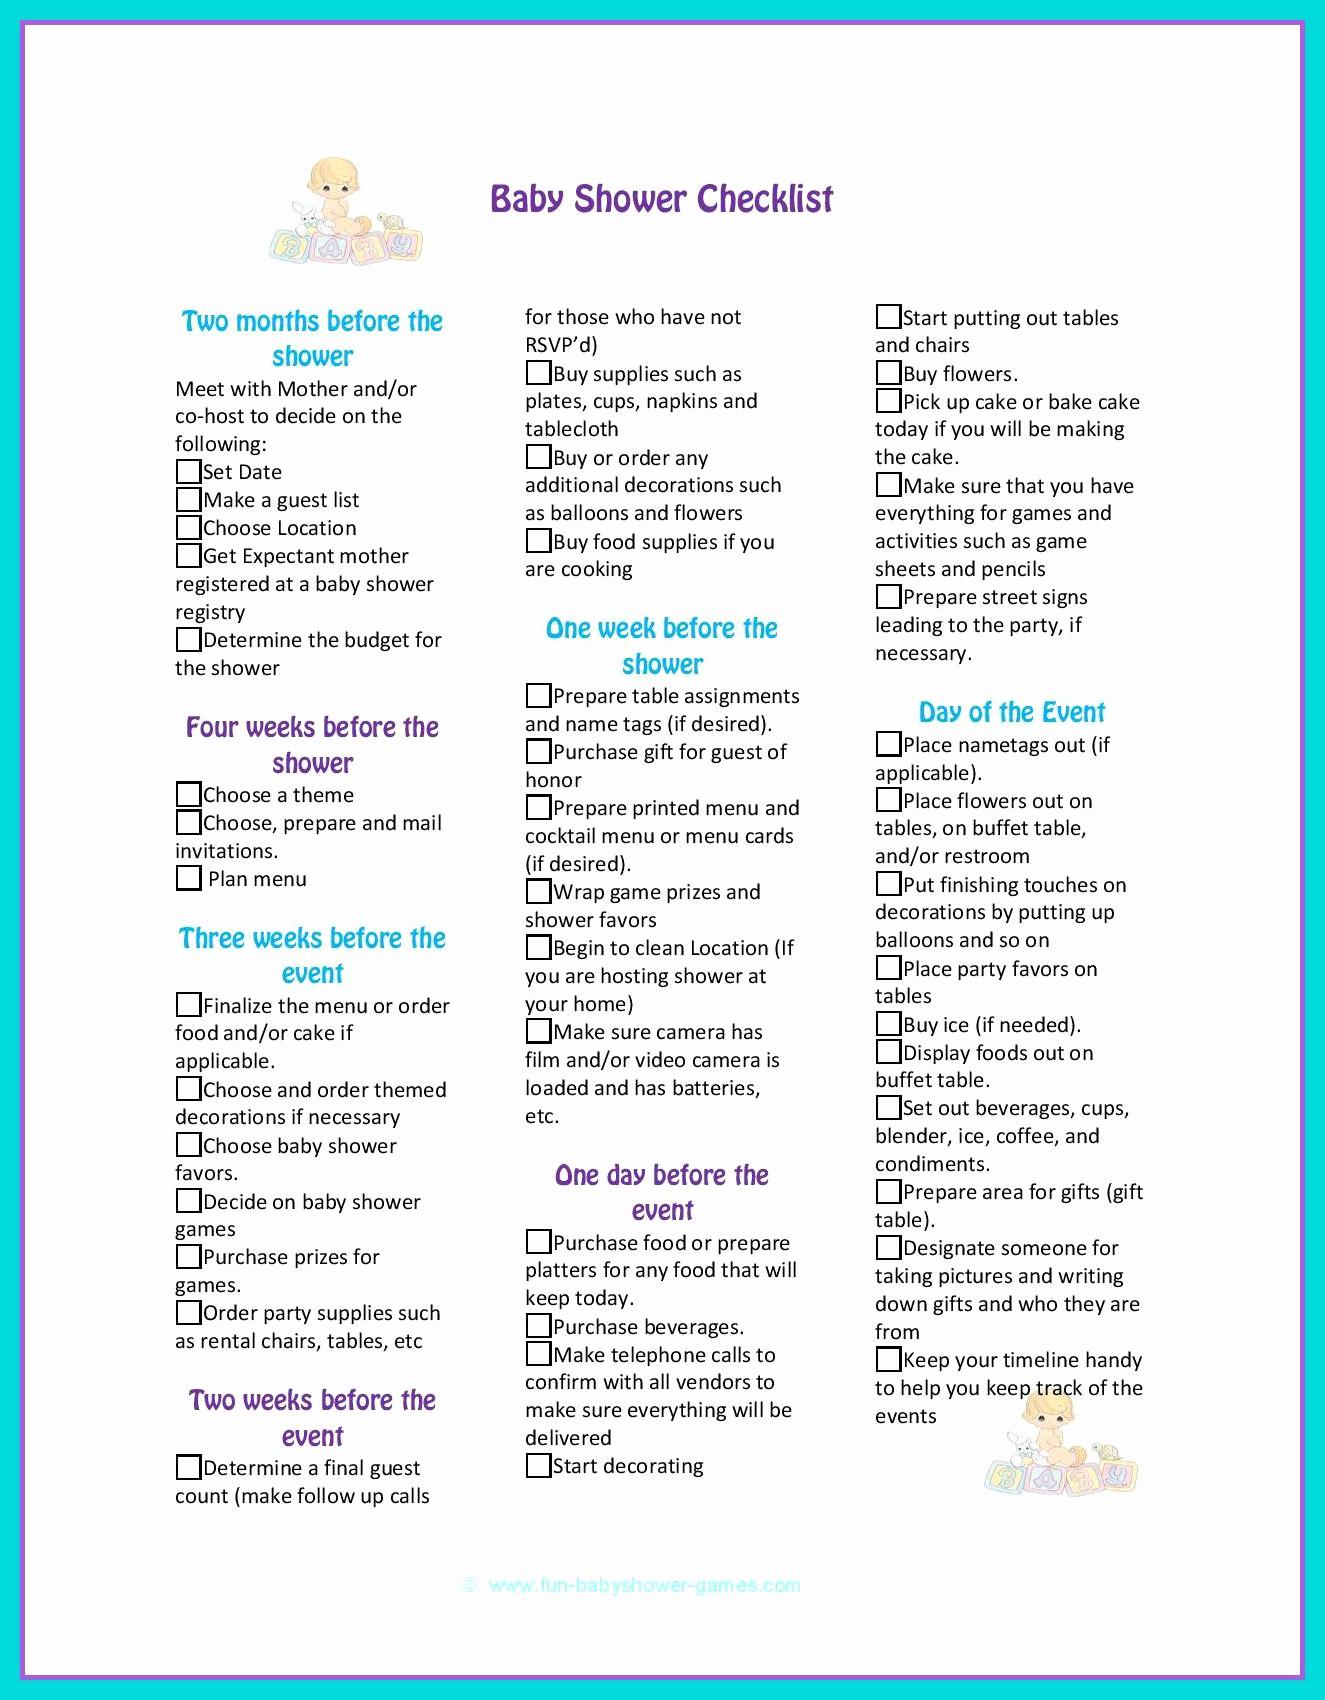 Baby Shower Planning Checklist Fresh Baby Shower Checklist to Help Plan the Perfect Baby Shower